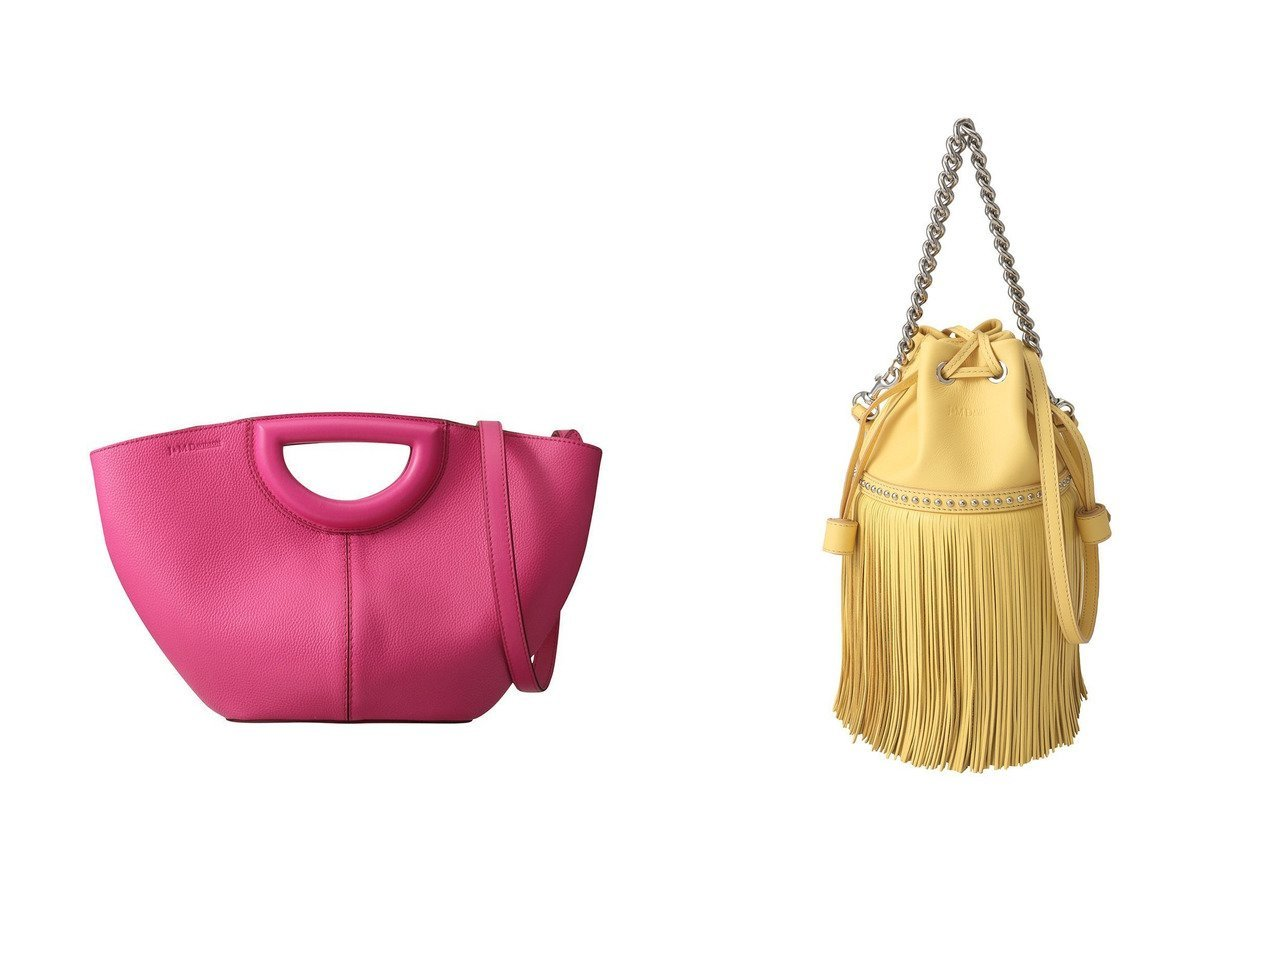 【J&M DAVIDSON/ジェイアンドエム デヴィッドソン】のFRINGE CARNIVAL MINI&MARKET TOTE S バッグ・鞄のおすすめ!人気、トレンド・レディースファッションの通販 おすすめで人気の流行・トレンド、ファッションの通販商品 メンズファッション・キッズファッション・インテリア・家具・レディースファッション・服の通販 founy(ファニー) https://founy.com/ ファッション Fashion レディースファッション WOMEN バッグ Bag 2021年 2021 2021 春夏 S/S SS Spring/Summer 2021 S/S 春夏 SS Spring/Summer ハンドバッグ フォルム 春 Spring |ID:crp329100000016322